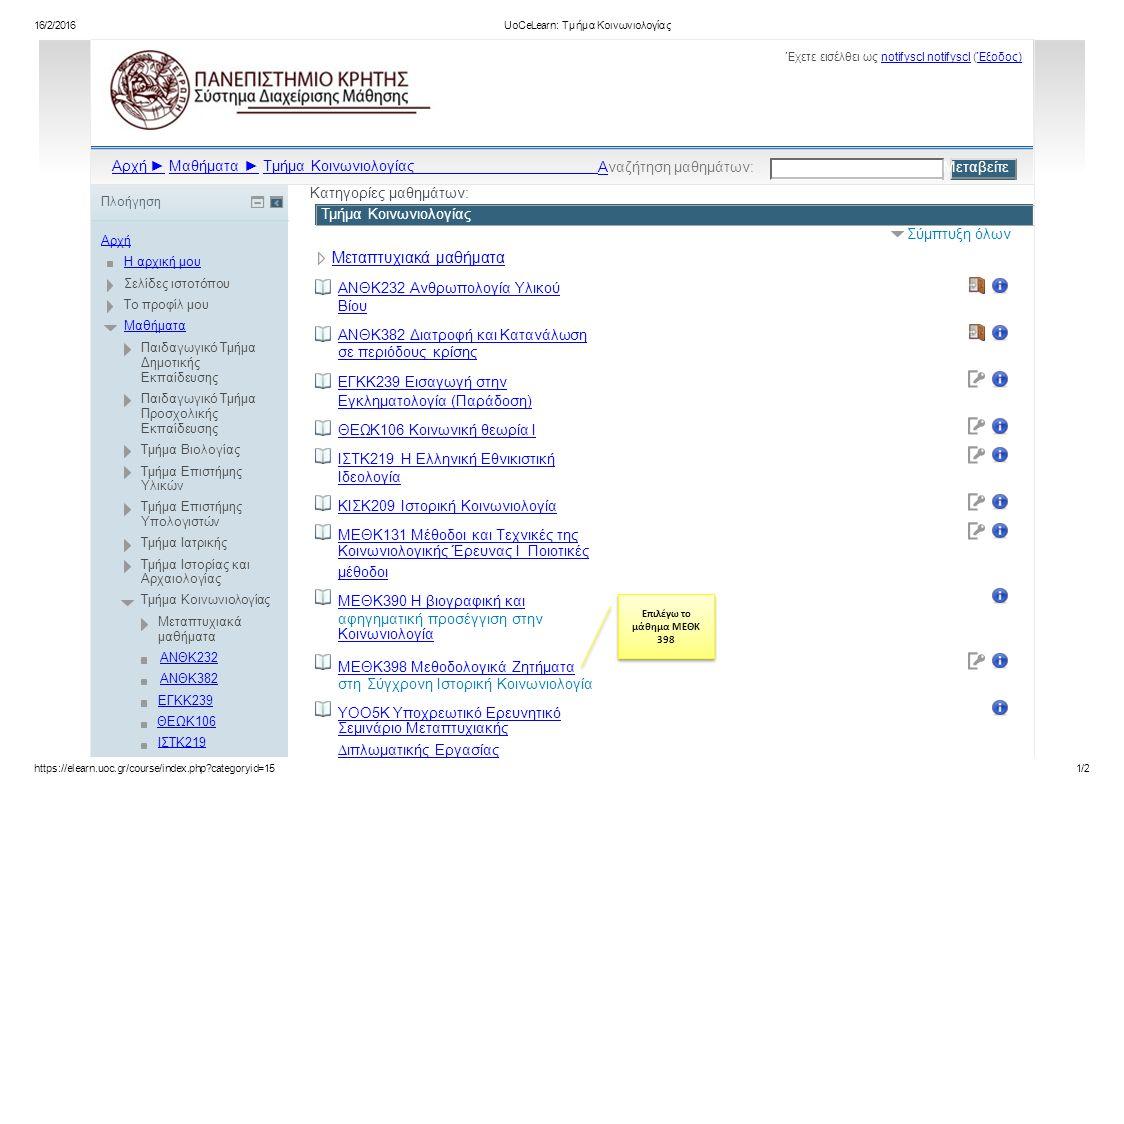 16/2/2016UoCeLearn: Τμήμα Κοινωνιολογίας σε περιόδους κρίσης Κοινωνιολογικής Έρευνας Ι  Ποιοτικές ΚοινωνιολογίαΚοινωνιολογία Σεµινάριο Μεταπτυχιακής https://elearn.uoc.gr/course/index.php?categoryid=151/21/2 Έχετε εισέλθει ως notifyscl notifyscl (Έξοδος)notifyscl notifysclΈξοδος) Αρχή ►Αρχή ► Μαθήματα ► Τμήμα Κοινωνιολογίας Αναζήτηση μαθημάτων: ΜεταβείτεΜαθήματα ►Τμήμα Κοινωνιολογίας Α Πλοήγηση Κατηγορίες μαθημάτων: Τμήμα Κοινωνιολογίας Αρχή Η αρχική μου Σελίδες ιστοτόπου Το προφίλ μου Μαθήματα Παιδαγωγικό Τμήμα Δημοτικής Εκπαίδευσης Παιδαγωγικό Τμήμα Προσχολικής Εκπαίδευσης Τμήμα Βιολογίας Τμήμα Επιστήμης Υλικών Τμήμα Επιστήμης Υπολογιστών Τμήμα Ιατρικής Τμήμα Ιστορίας και Αρχαιολογίας Τμήμα Κοινωνιολογίας Μεταπτυχιακά μαθήματα ΑΝΘΚ232 ΑΝΘΚ382 ΕΓΚΚ239 ΘΕΩΚ106 ΙΣΤΚ219 Σύμπτυξη όλων Μεταπτυχιακά μαθήματα ΑΝΘΚ232 Ανθρωπολογία Υλικού Βίου ΑΝΘΚ382 Διατροφή και Κατανάλωση ΕΓΚΚ239 Εισαγωγή στην Εγκληματολογία (Παράδοση) ΘΕΩΚ106 Κοινωνική θεωρία I ΙΣΤΚ219 Η Ελληνική Εθνικιστική Ιδεολογία ΚΙΣΚ209 Ιστορική Κοινωνιολογία ΜΕΘΚ131 Μέθοδοι και Τεχνικές της μέθοδοι ΜΕΘΚ390 Η βιογραφική και ΜΕΘΚ390 Η βιογραφική και αφηγηματική προσέγγιση στην ΜΕΘΚ398 Μεθοδολογικά Ζητήματα ΜΕΘΚ398 Μεθοδολογικά Ζητήματα στη Σύγχρονη Ιστορική Κοινωνιολογία ΥΟΟ5Κ Υποχρεωτικό Ερευνητικό ∆ιπλωµατικής Εργασίας Επιλέγω το μάθημα ΜΕΘΚ 398